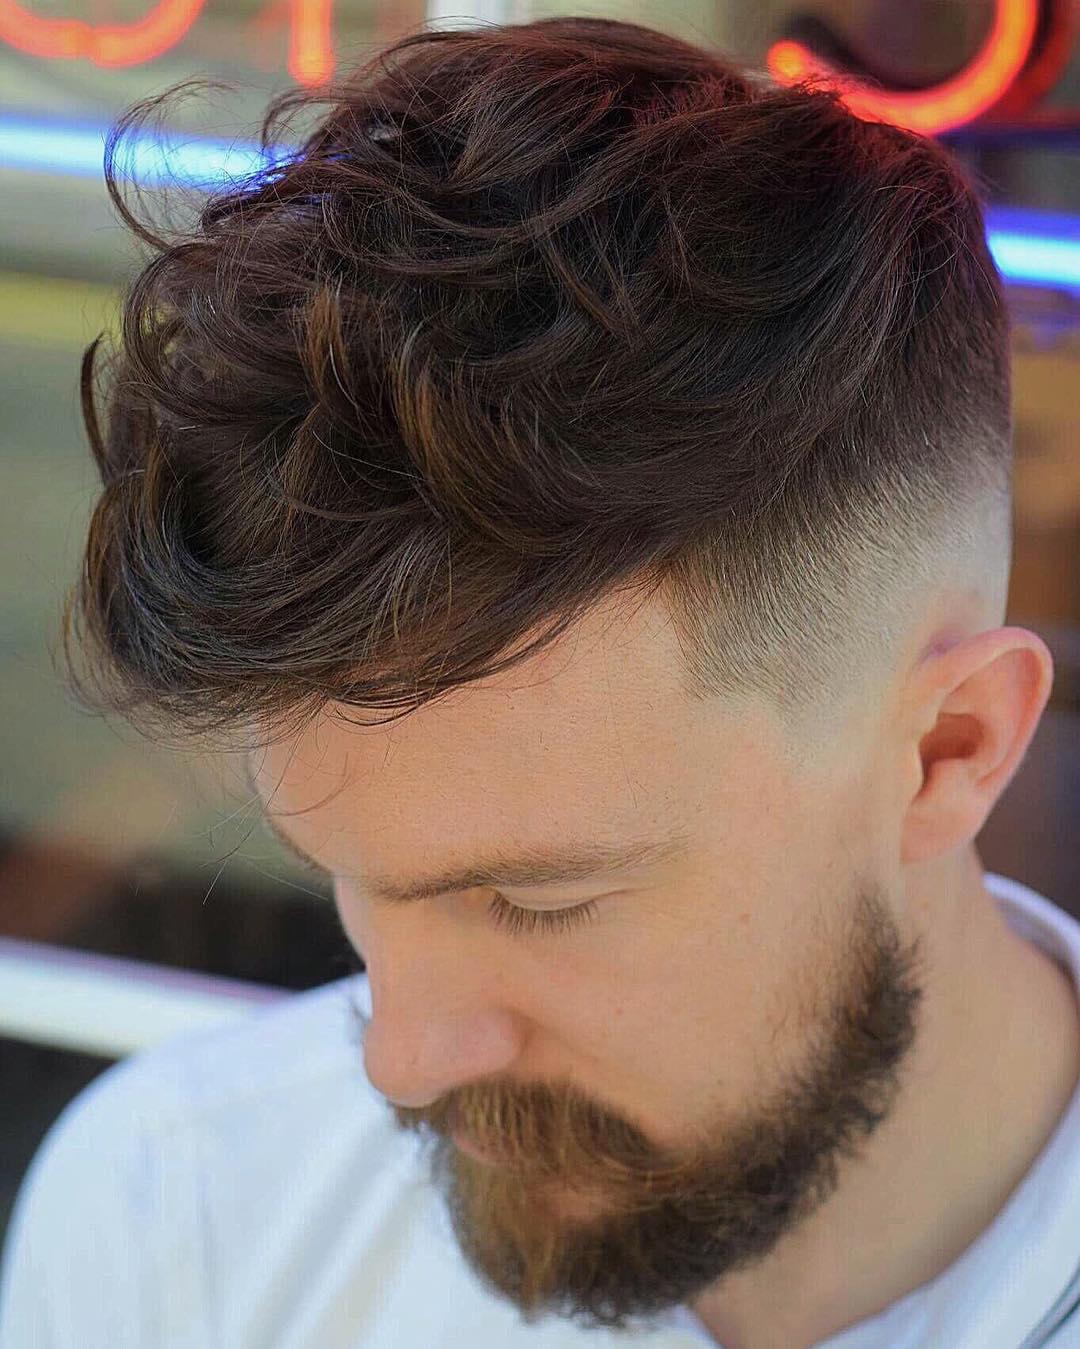 gambar model rambut ikal | sobfashion